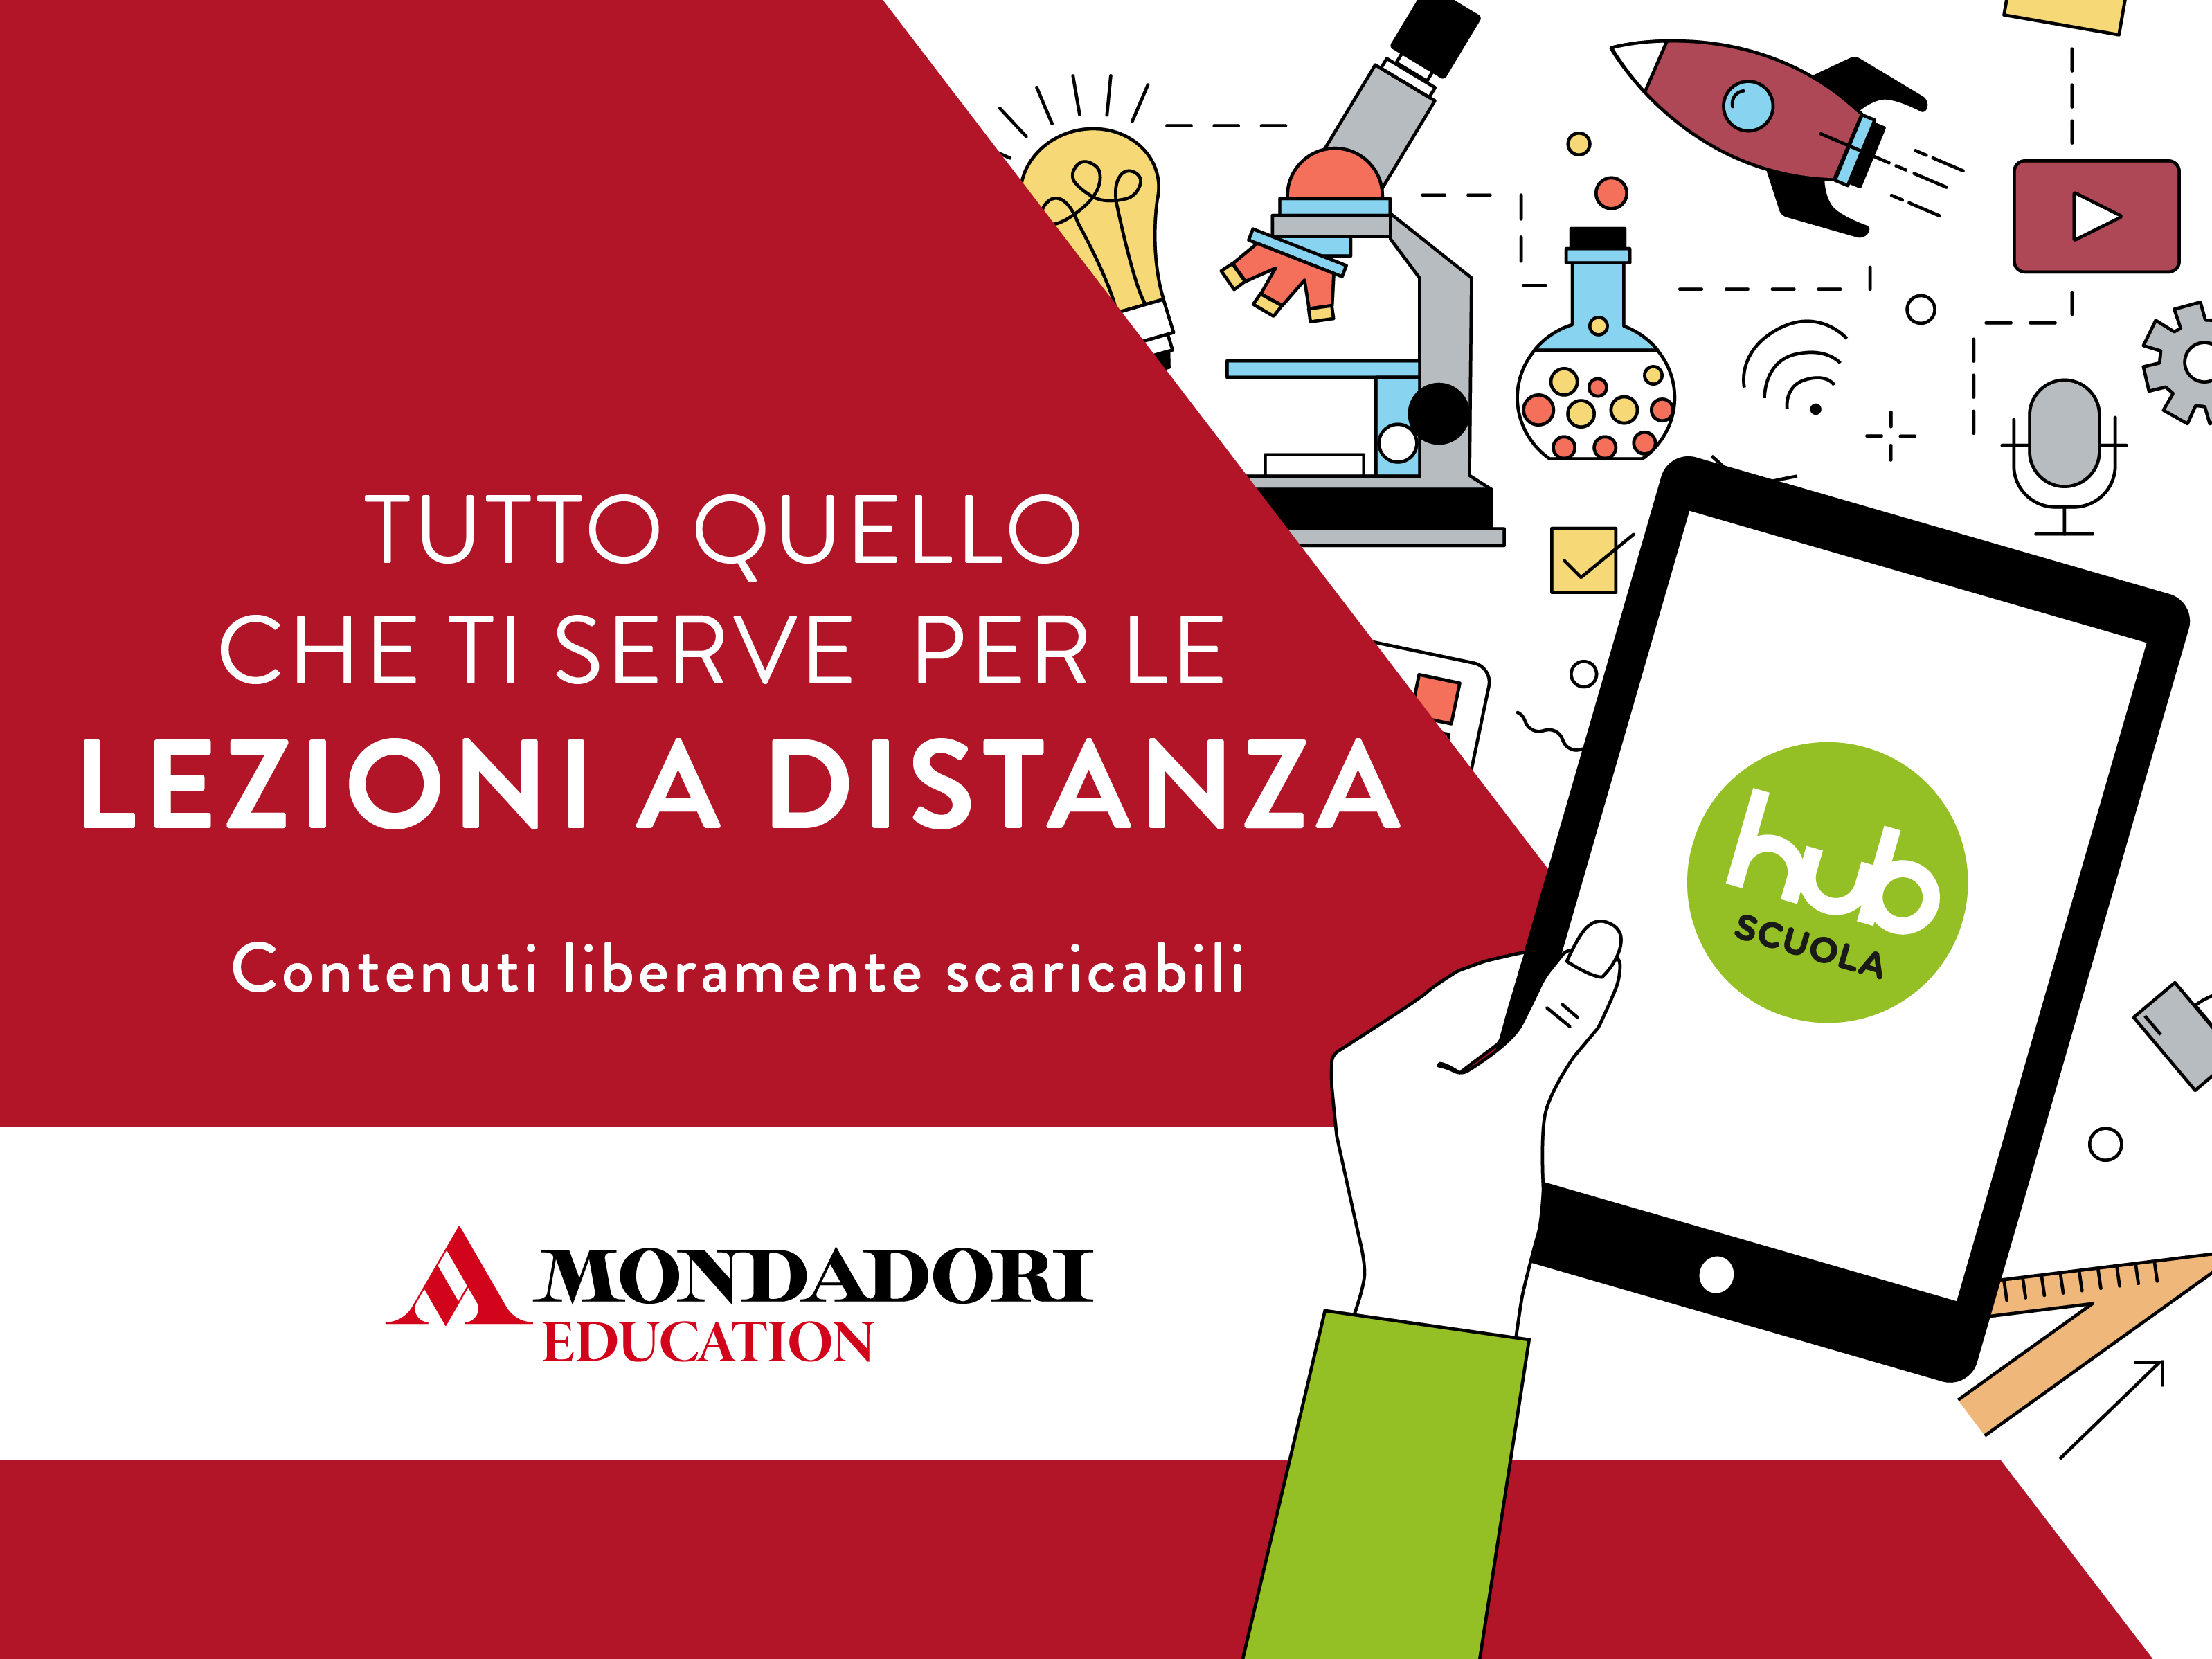 Contenuti digitali liberamente scaricabili di Mondadori Education